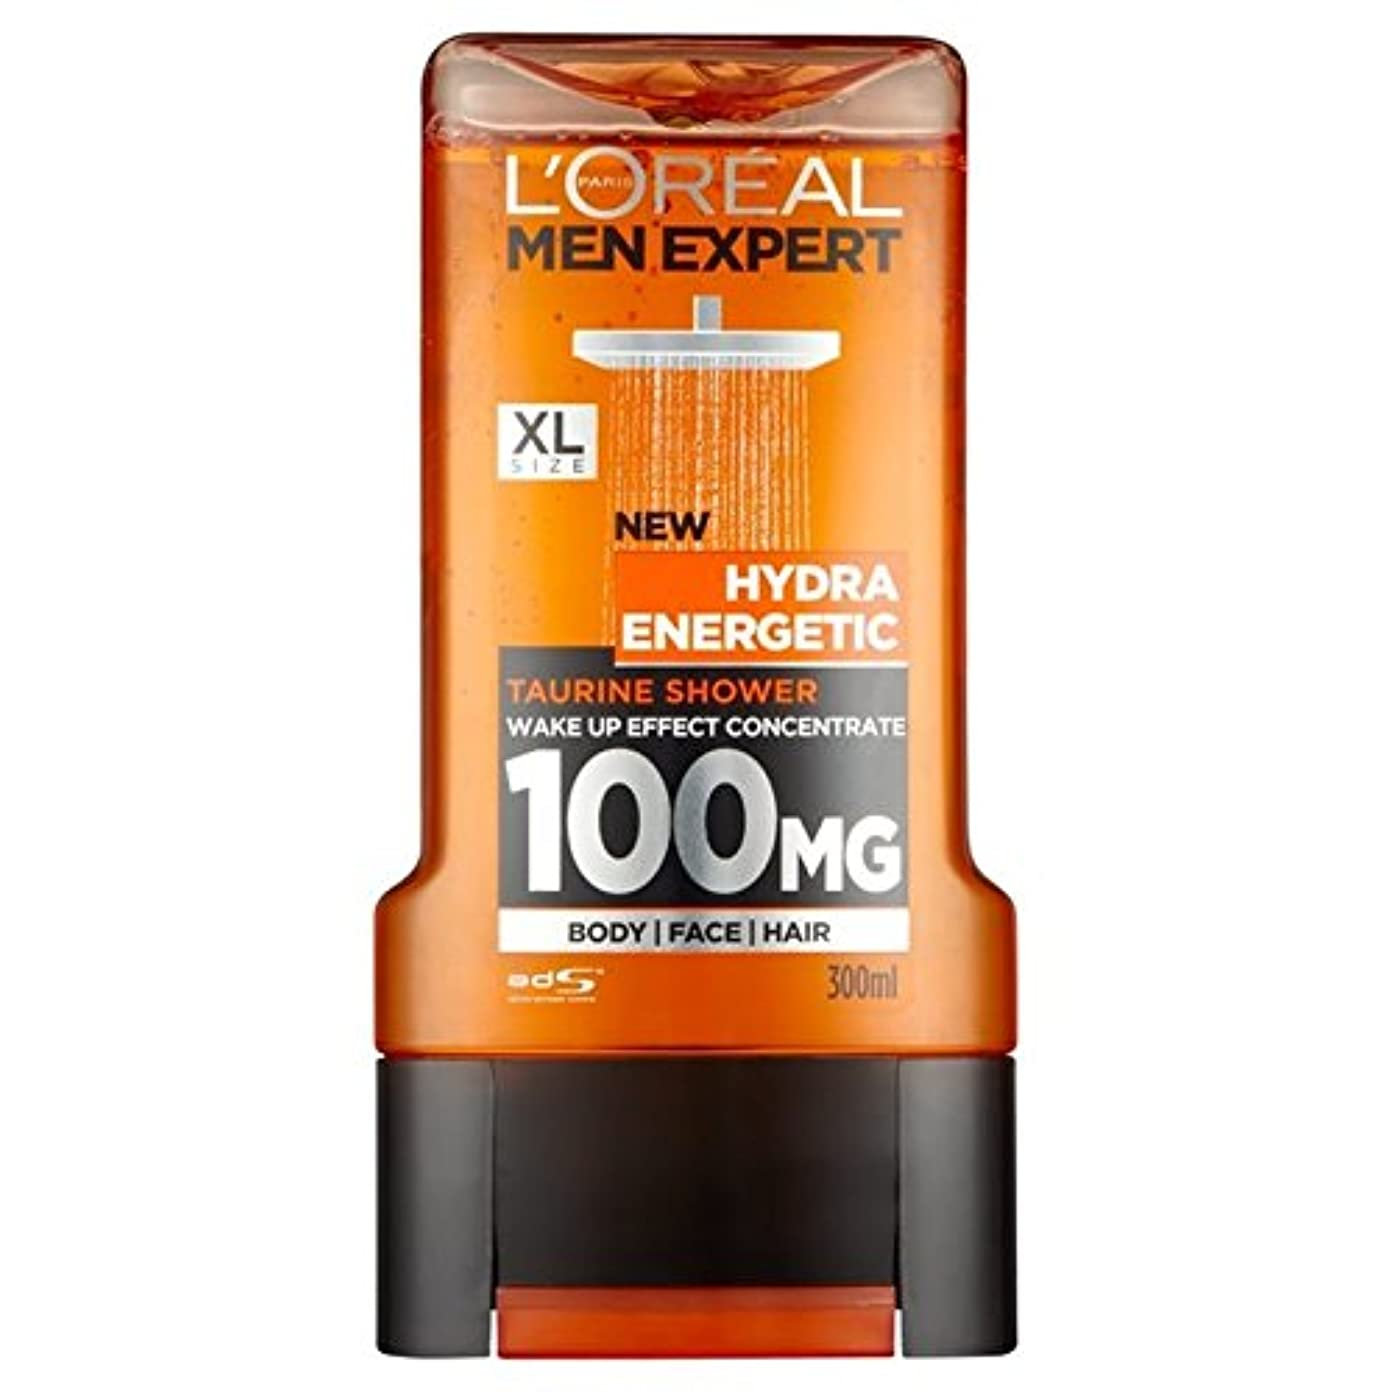 殺人八百屋さん合金ロレアルパリのメンズ専門家ヒドラエネルギッシュなシャワージェル300ミリリットル x4 - L'Oreal Paris Men Expert Hydra Energetic Shower Gel 300ml (Pack of 4) [並行輸入品]